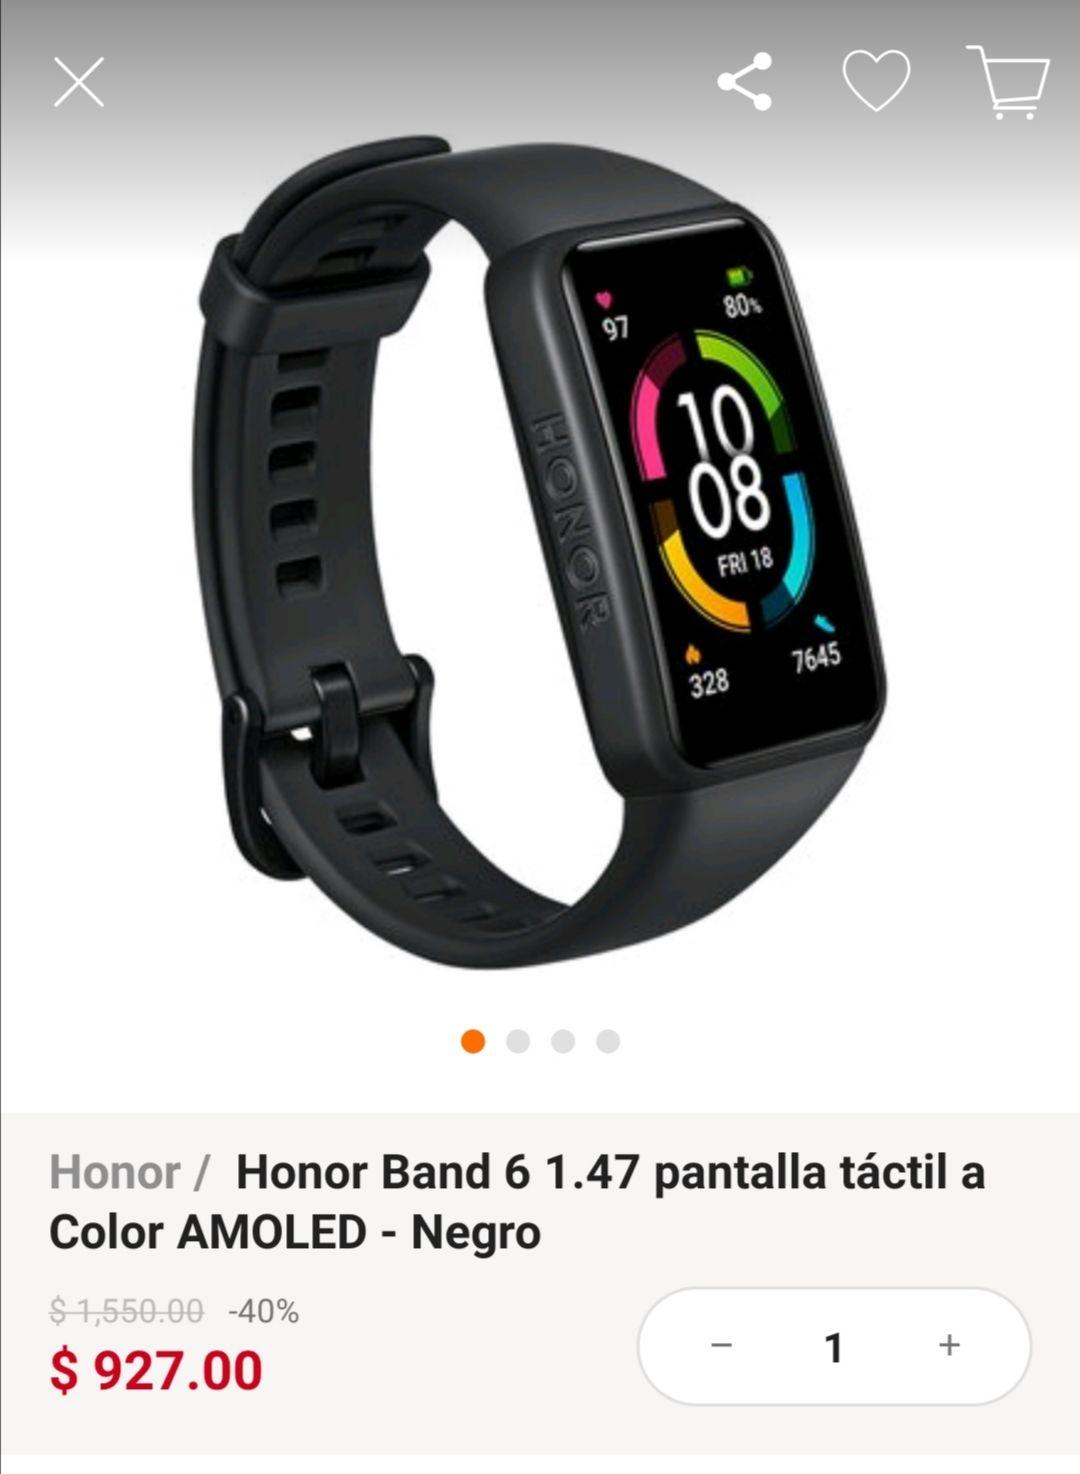 Linio: Honor Band 6 1.47 pantalla táctil a Color AMOLED - Negro